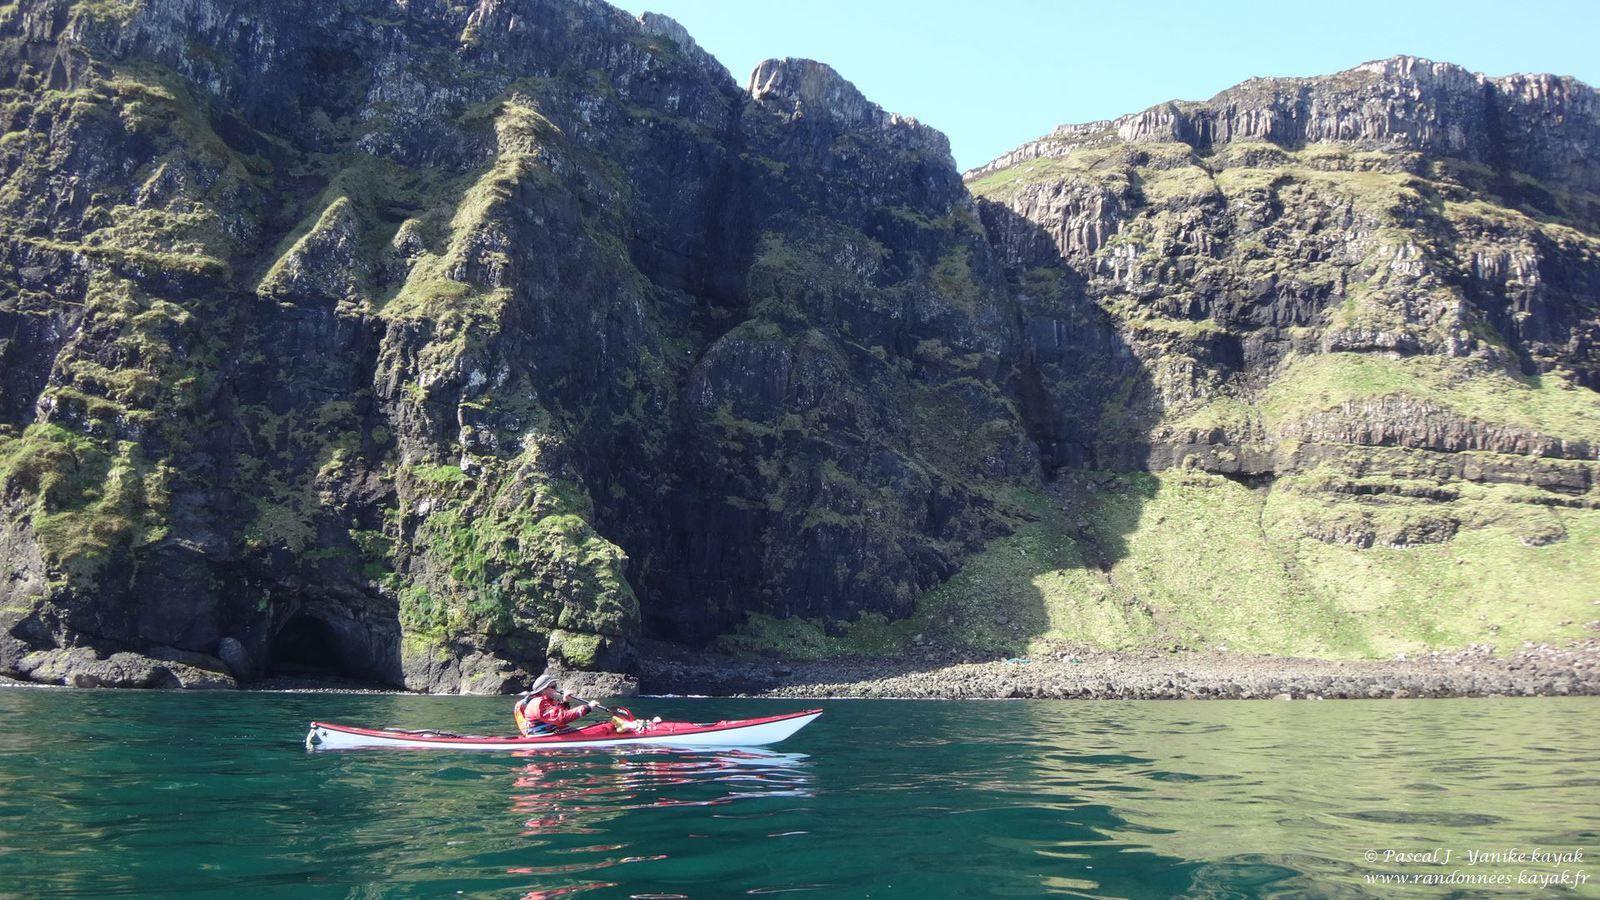 Skye 2018 : a new adventure - Chapitre 6 : Canna, une île pleine de charme !